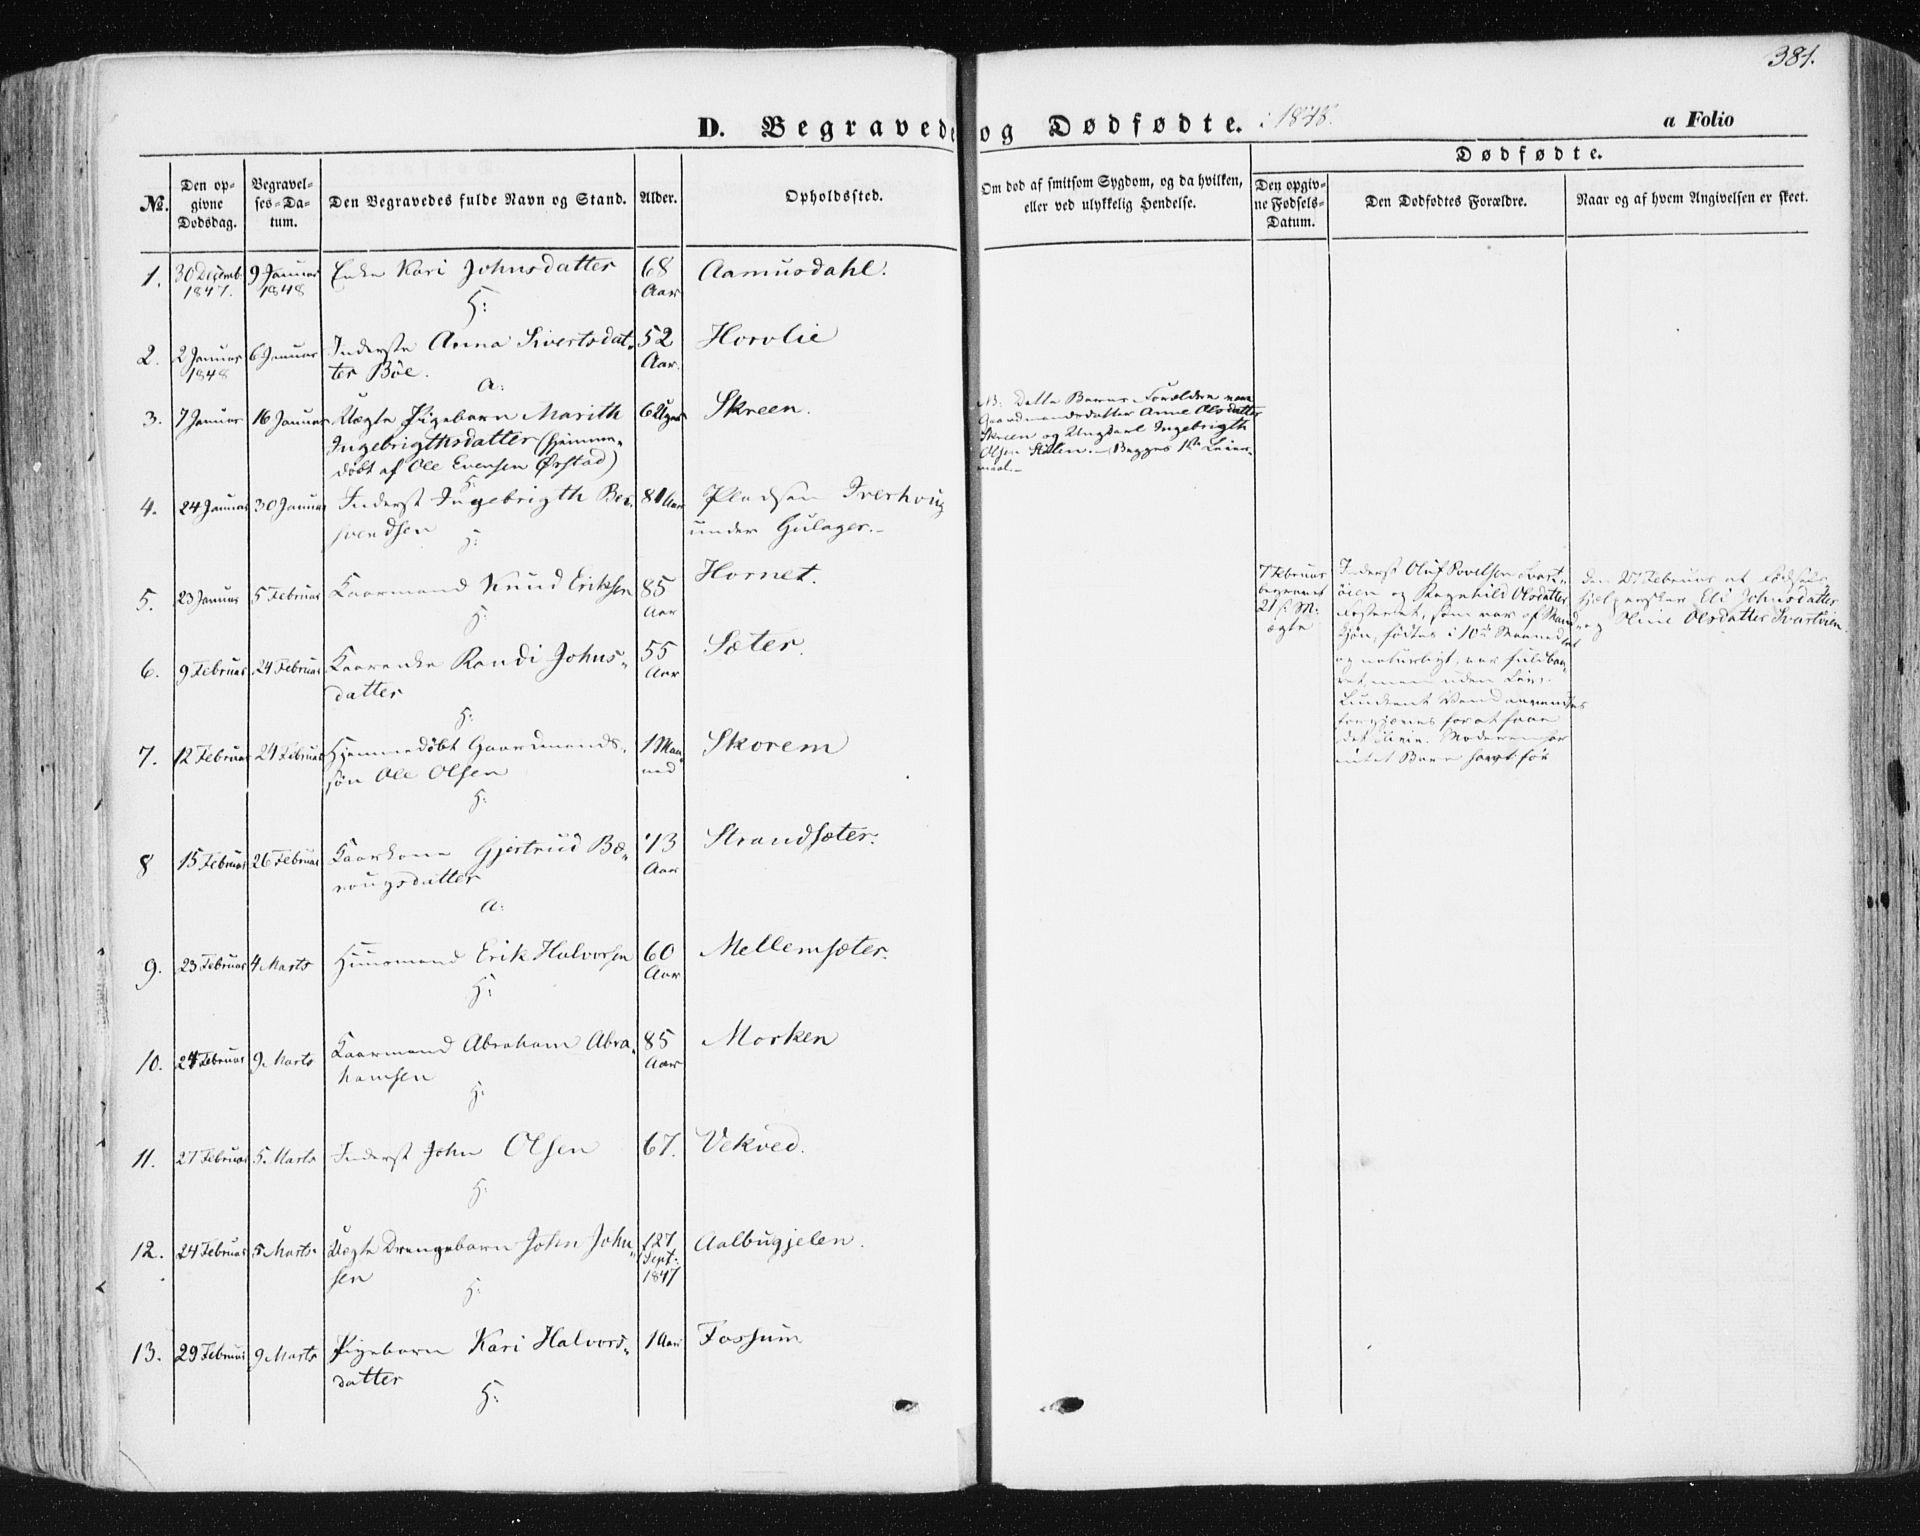 SAT, Ministerialprotokoller, klokkerbøker og fødselsregistre - Sør-Trøndelag, 678/L0899: Ministerialbok nr. 678A08, 1848-1872, s. 381